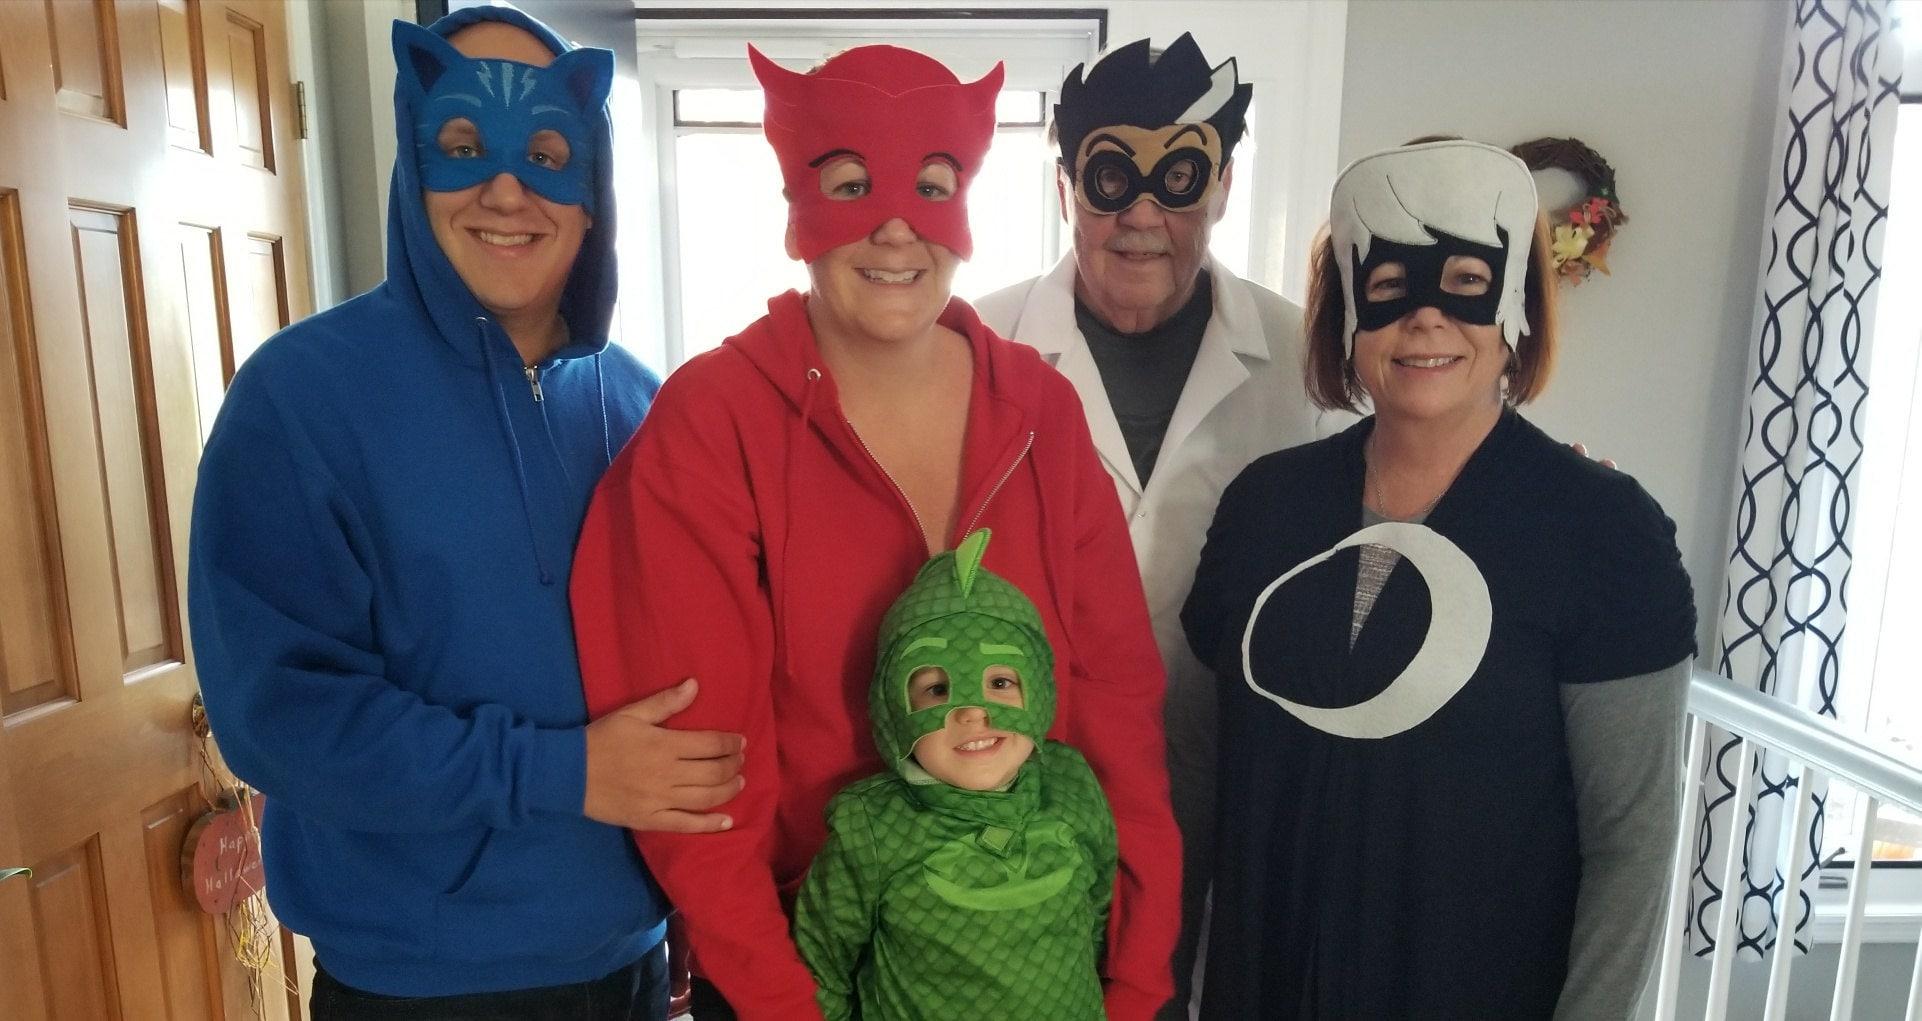 Pj Masks Halloween Costume.Adult Pj Masks Mask Pj Masks Birthday Pj Masks Romeo Luna Girl Night Ninja